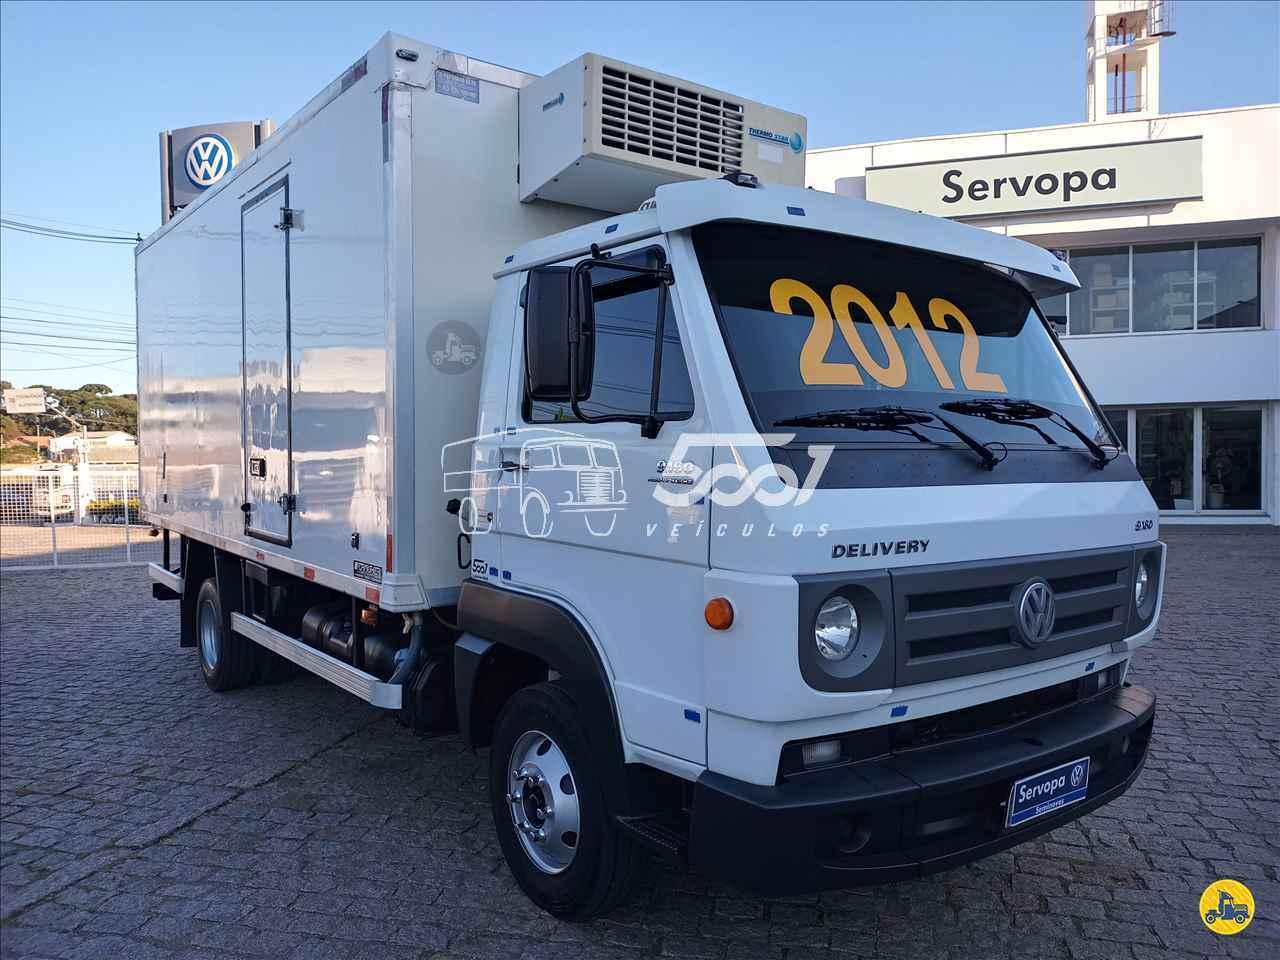 CAMINHAO VOLKSWAGEN VW 9160 Baú Frigorífico 3/4 4x2 5001 Veículos - Curitiba CURITIBA PARANÁ PR